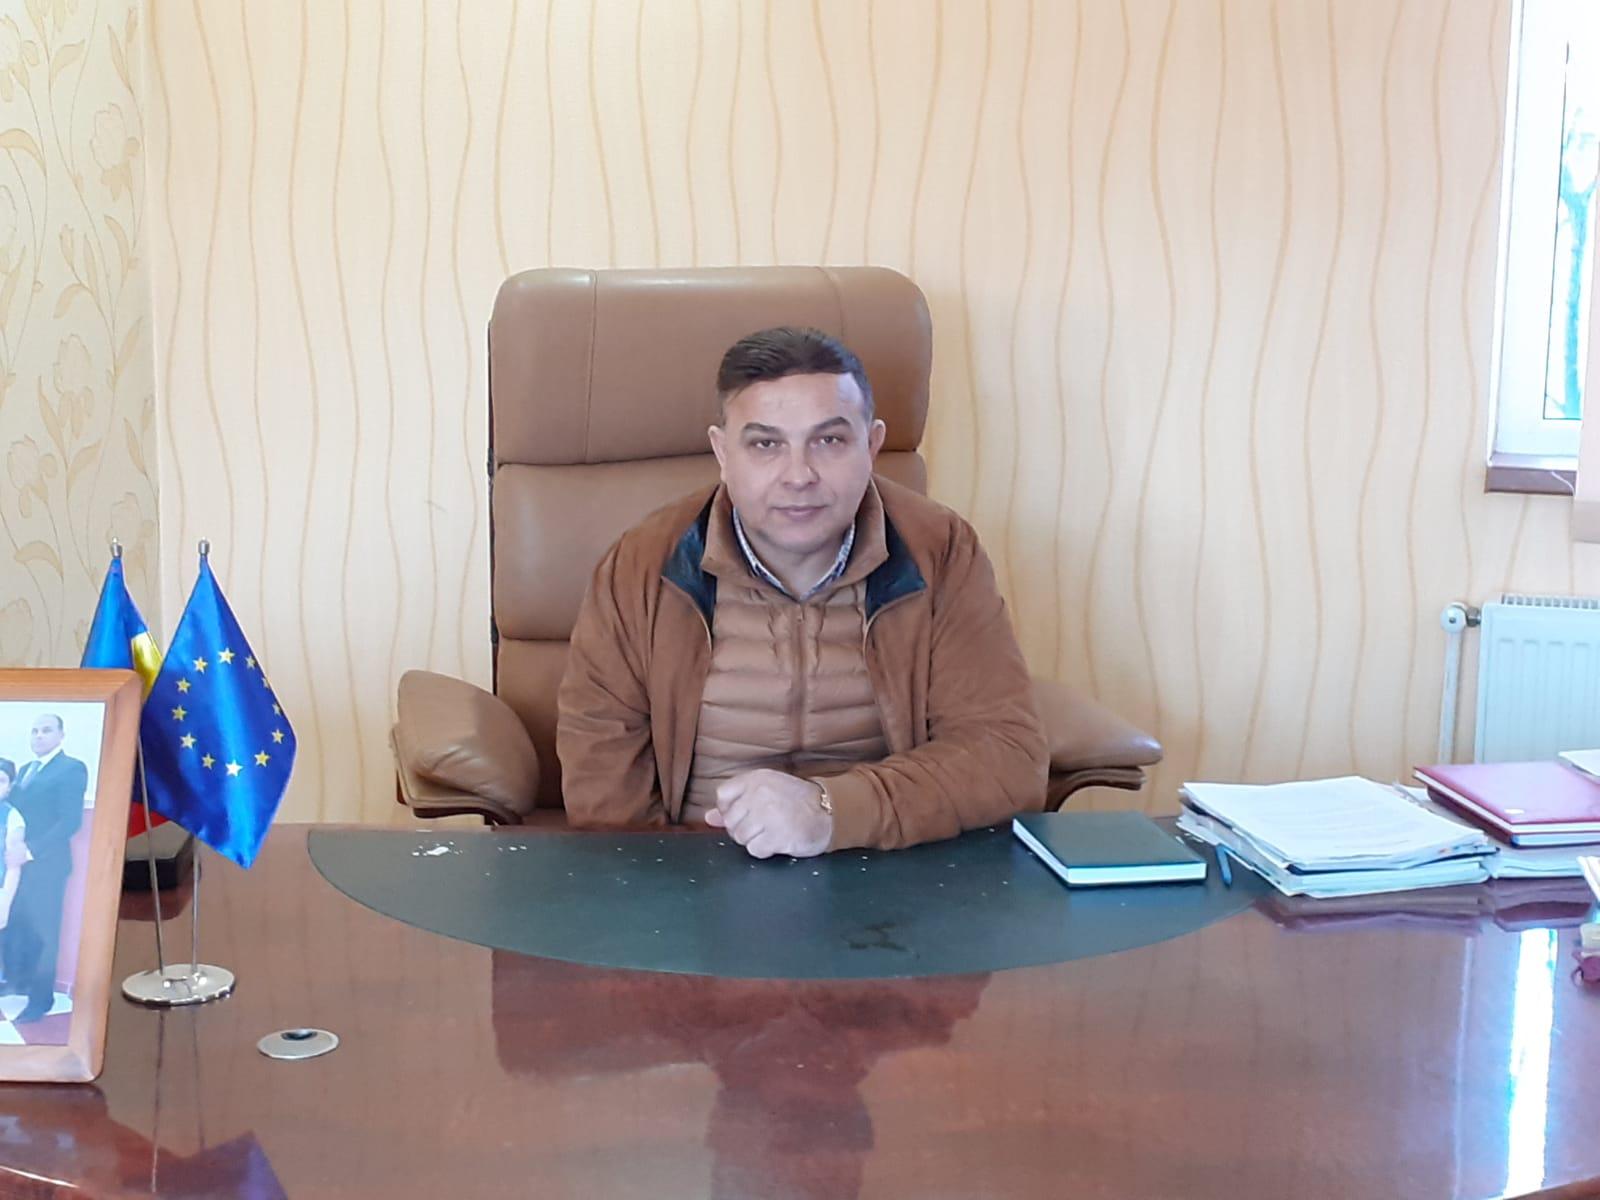 Mesajul de felicitare adresat giurgiuvenilor cu ocazia Sfintelor Sărbători Pascale de către primarul comunei Singureni, Marian Pătuleanu